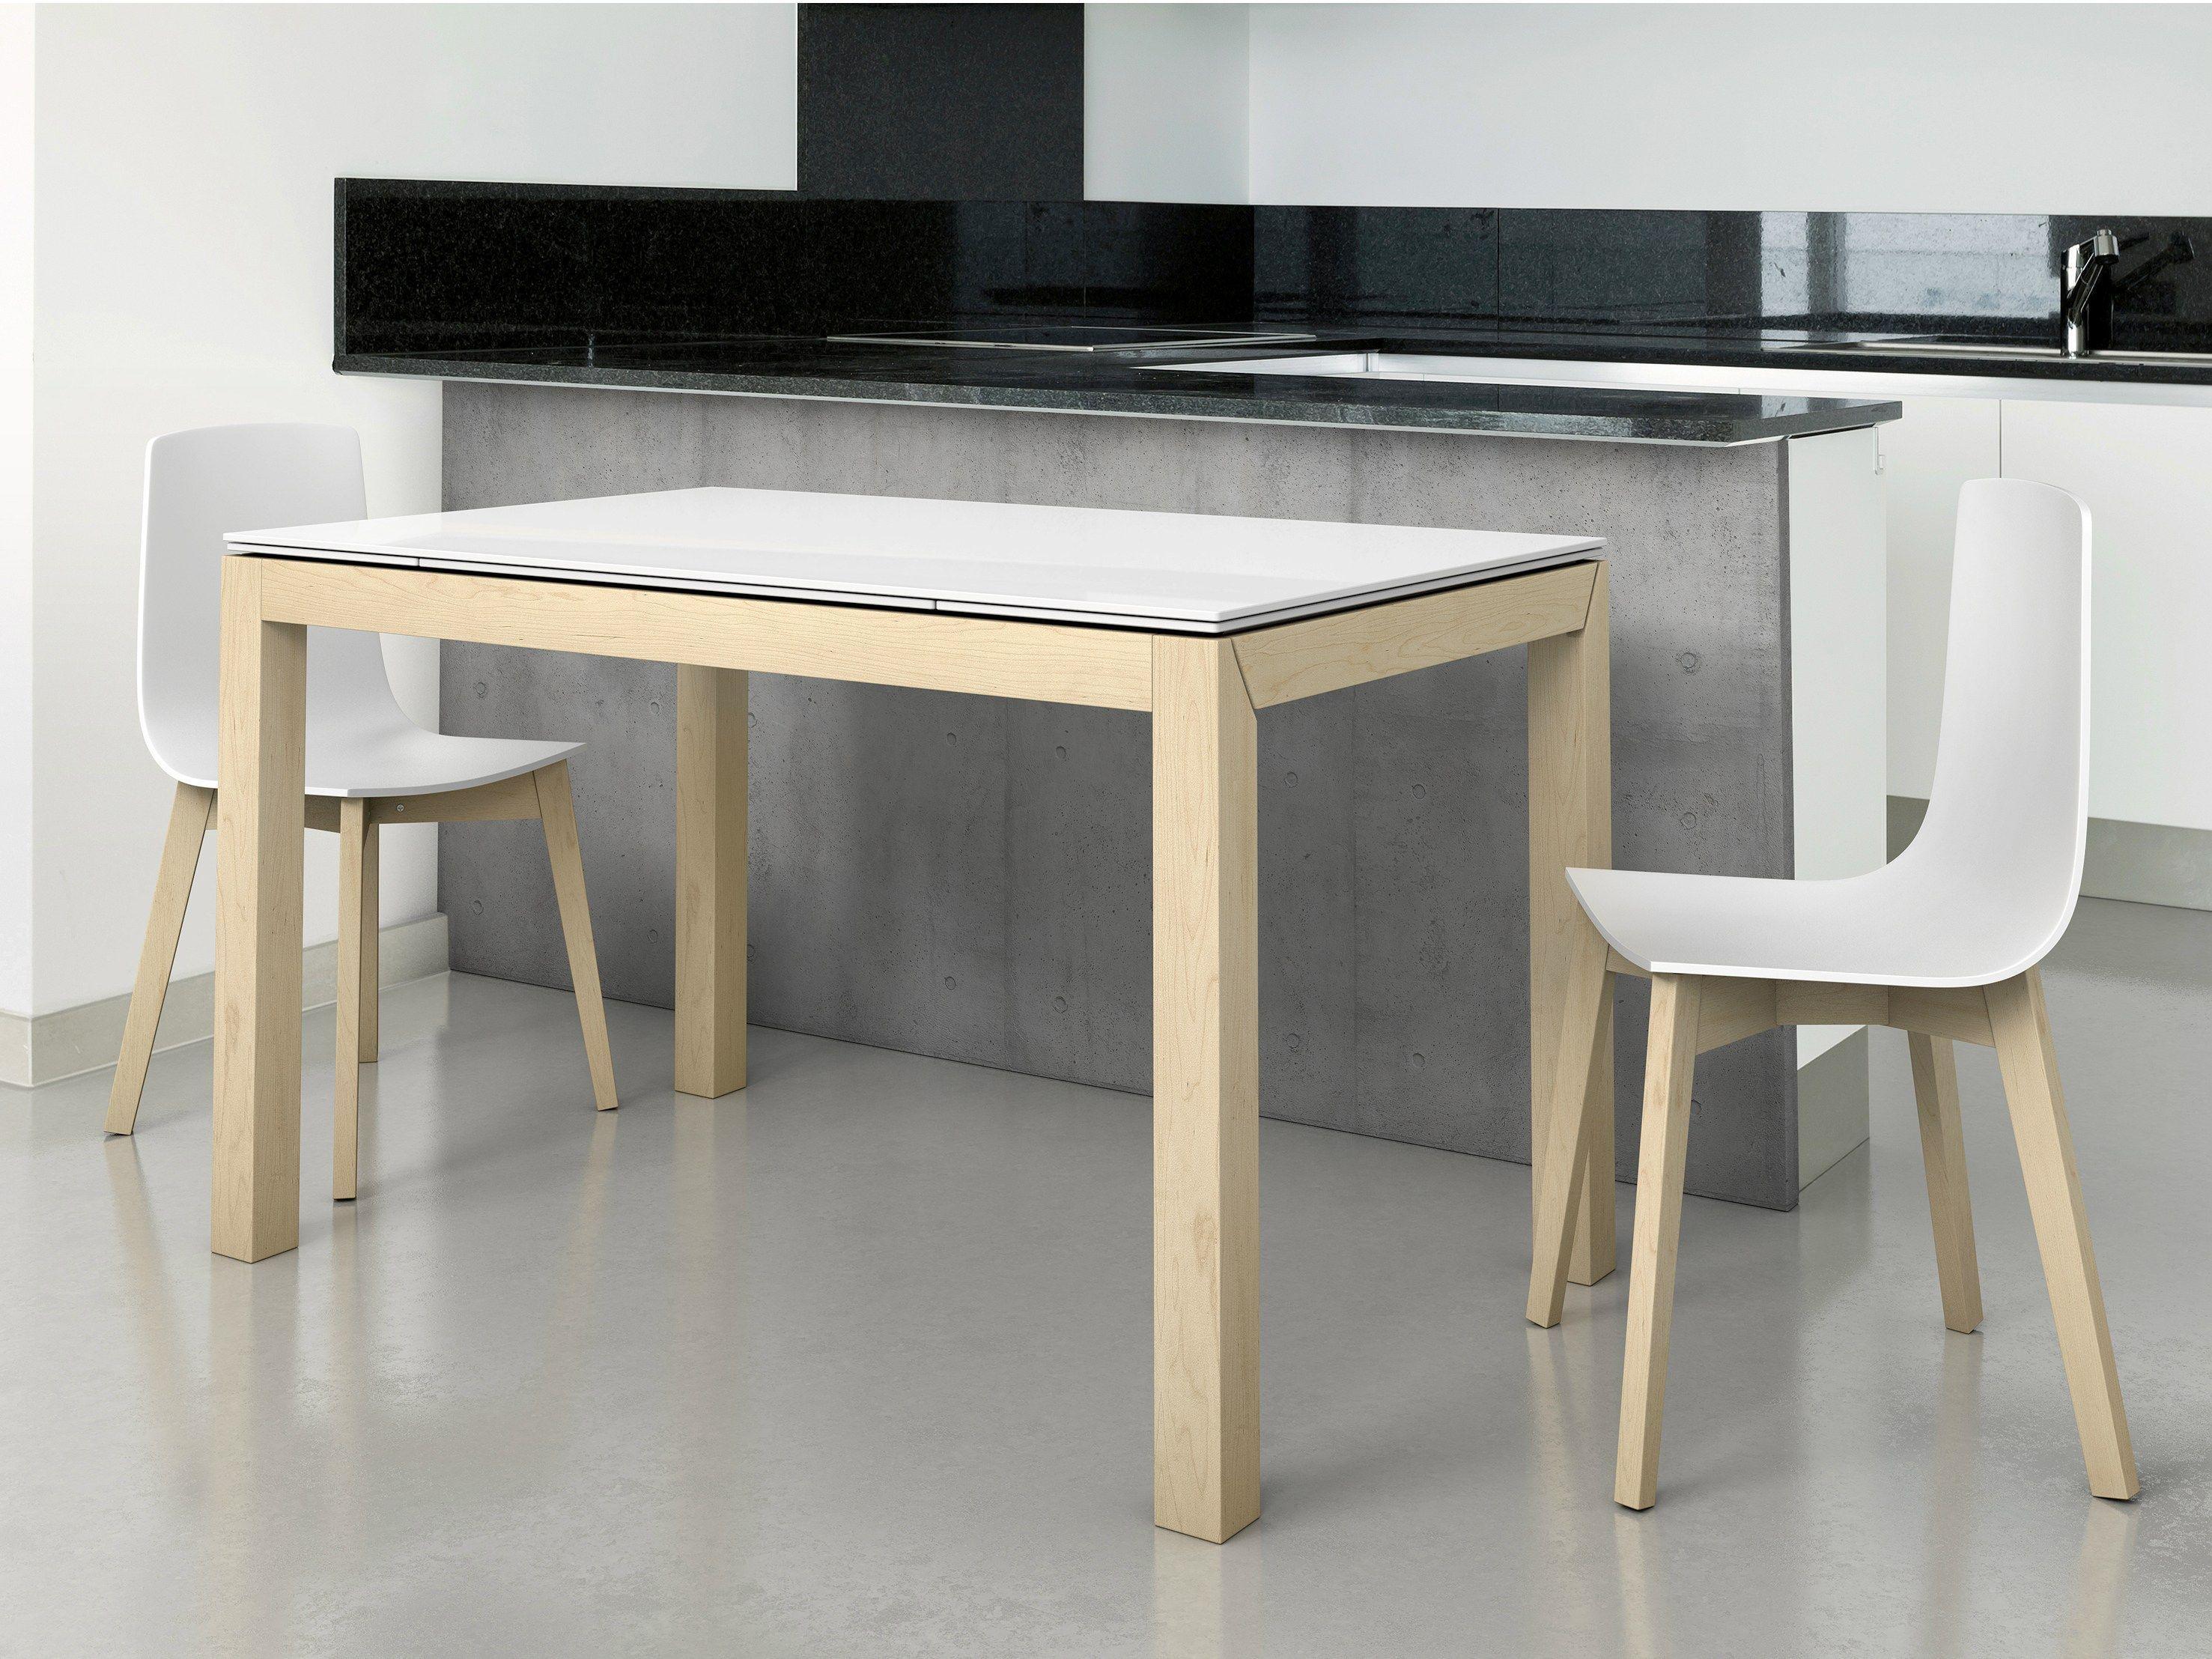 Soluciones kuchen house para mesas de cocina cocinas - Mesas de cocina plegables de pared ...